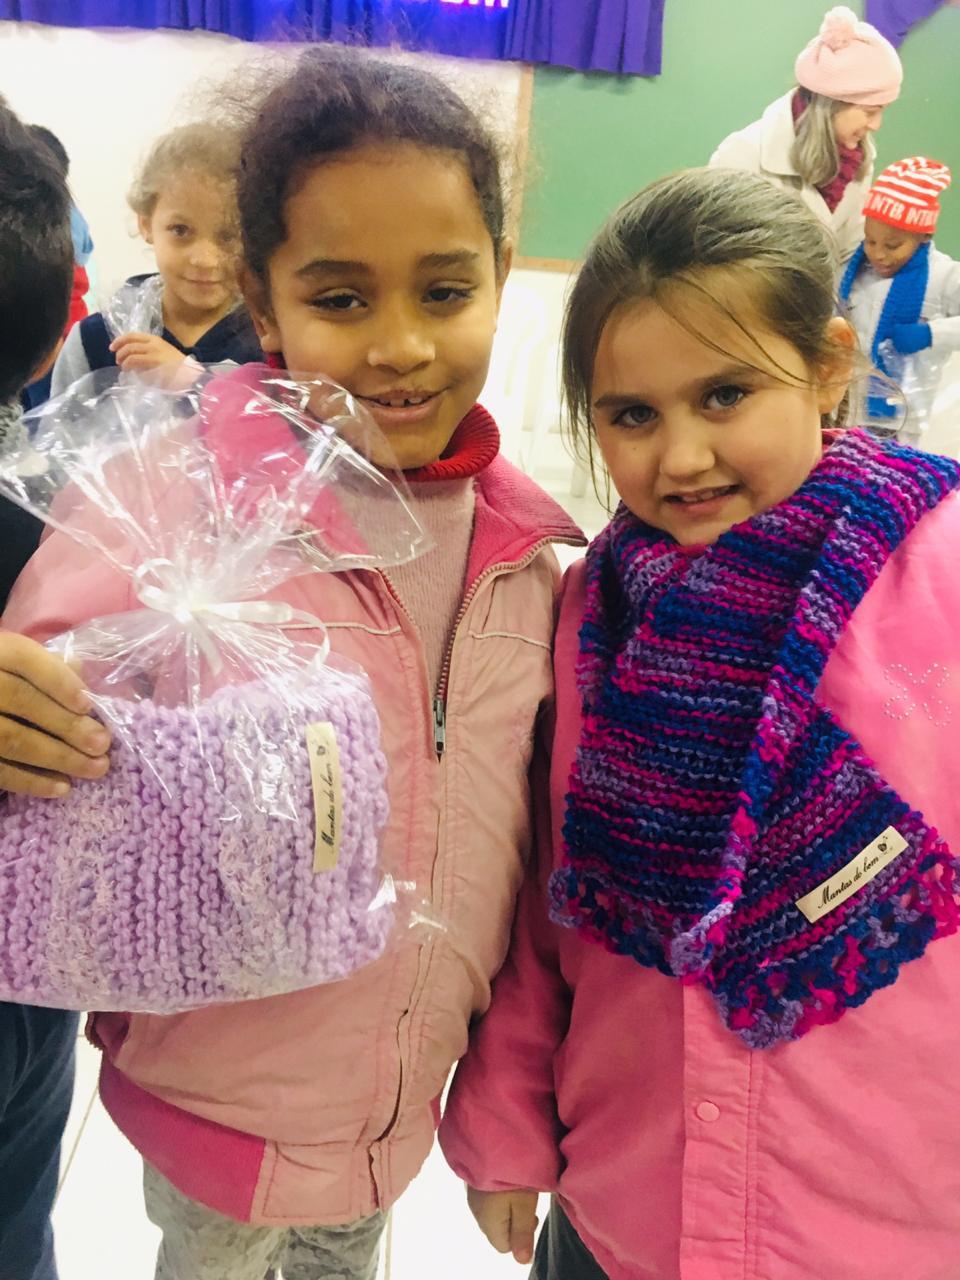 SOCIALIZAÇÃO: 'Mantas do Bem' beneficia alunos da Escola Osvaldo Cruz